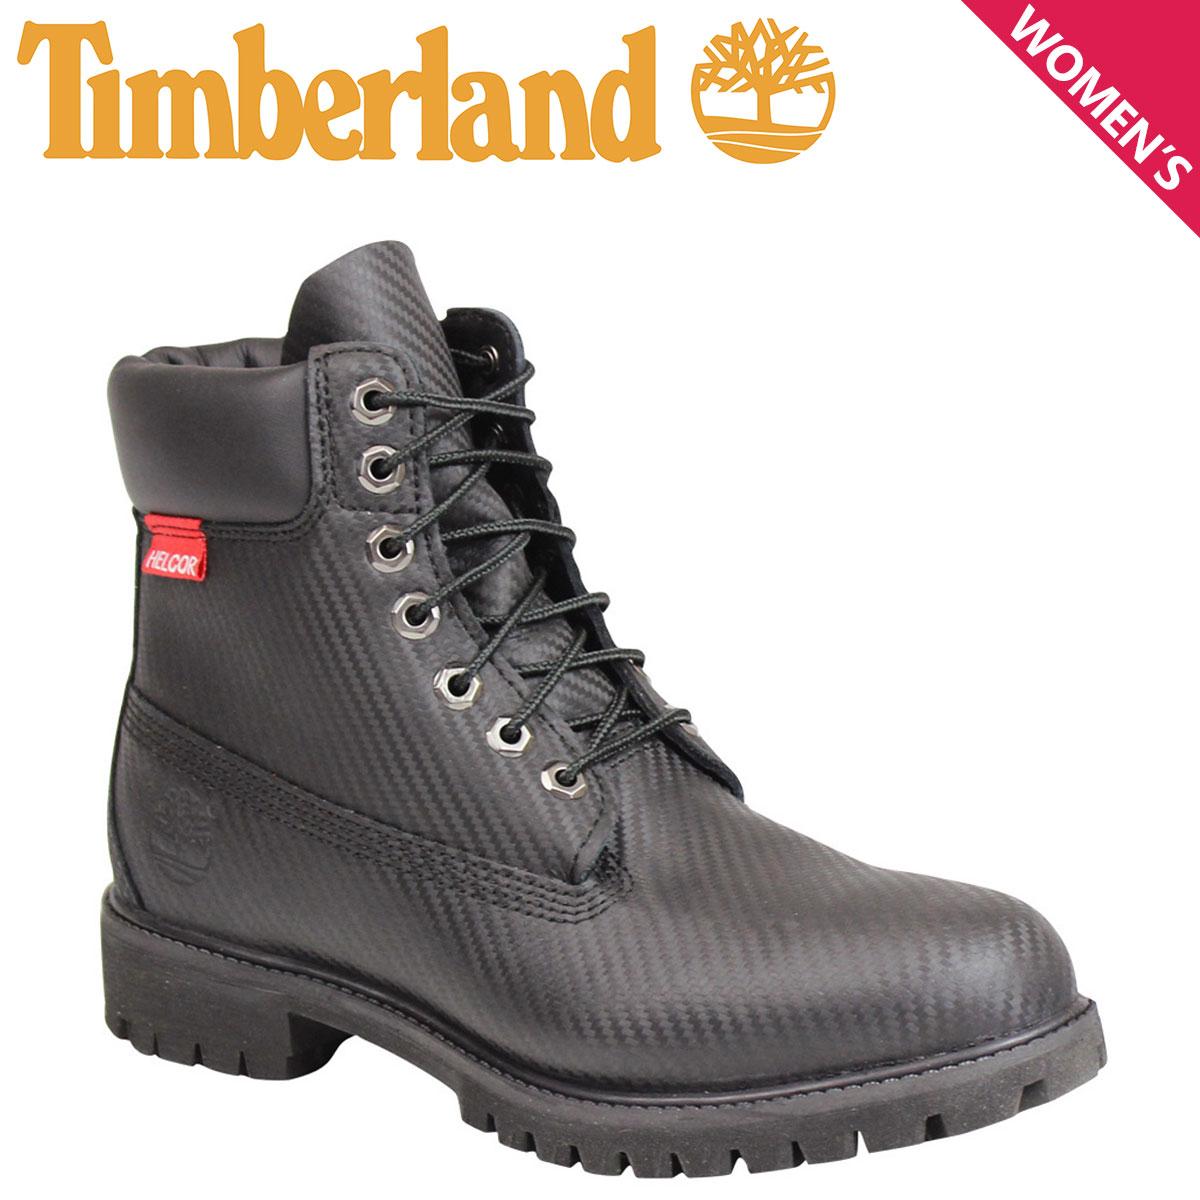 Timberland ティンバーランド 6 INCH PRM HELCOR CARBON FIBER BOOT ブーツ 6インチ プレミアム ヘルカー カーボンファイバー 6605A Wワイズ ブラック 黒 メンズ